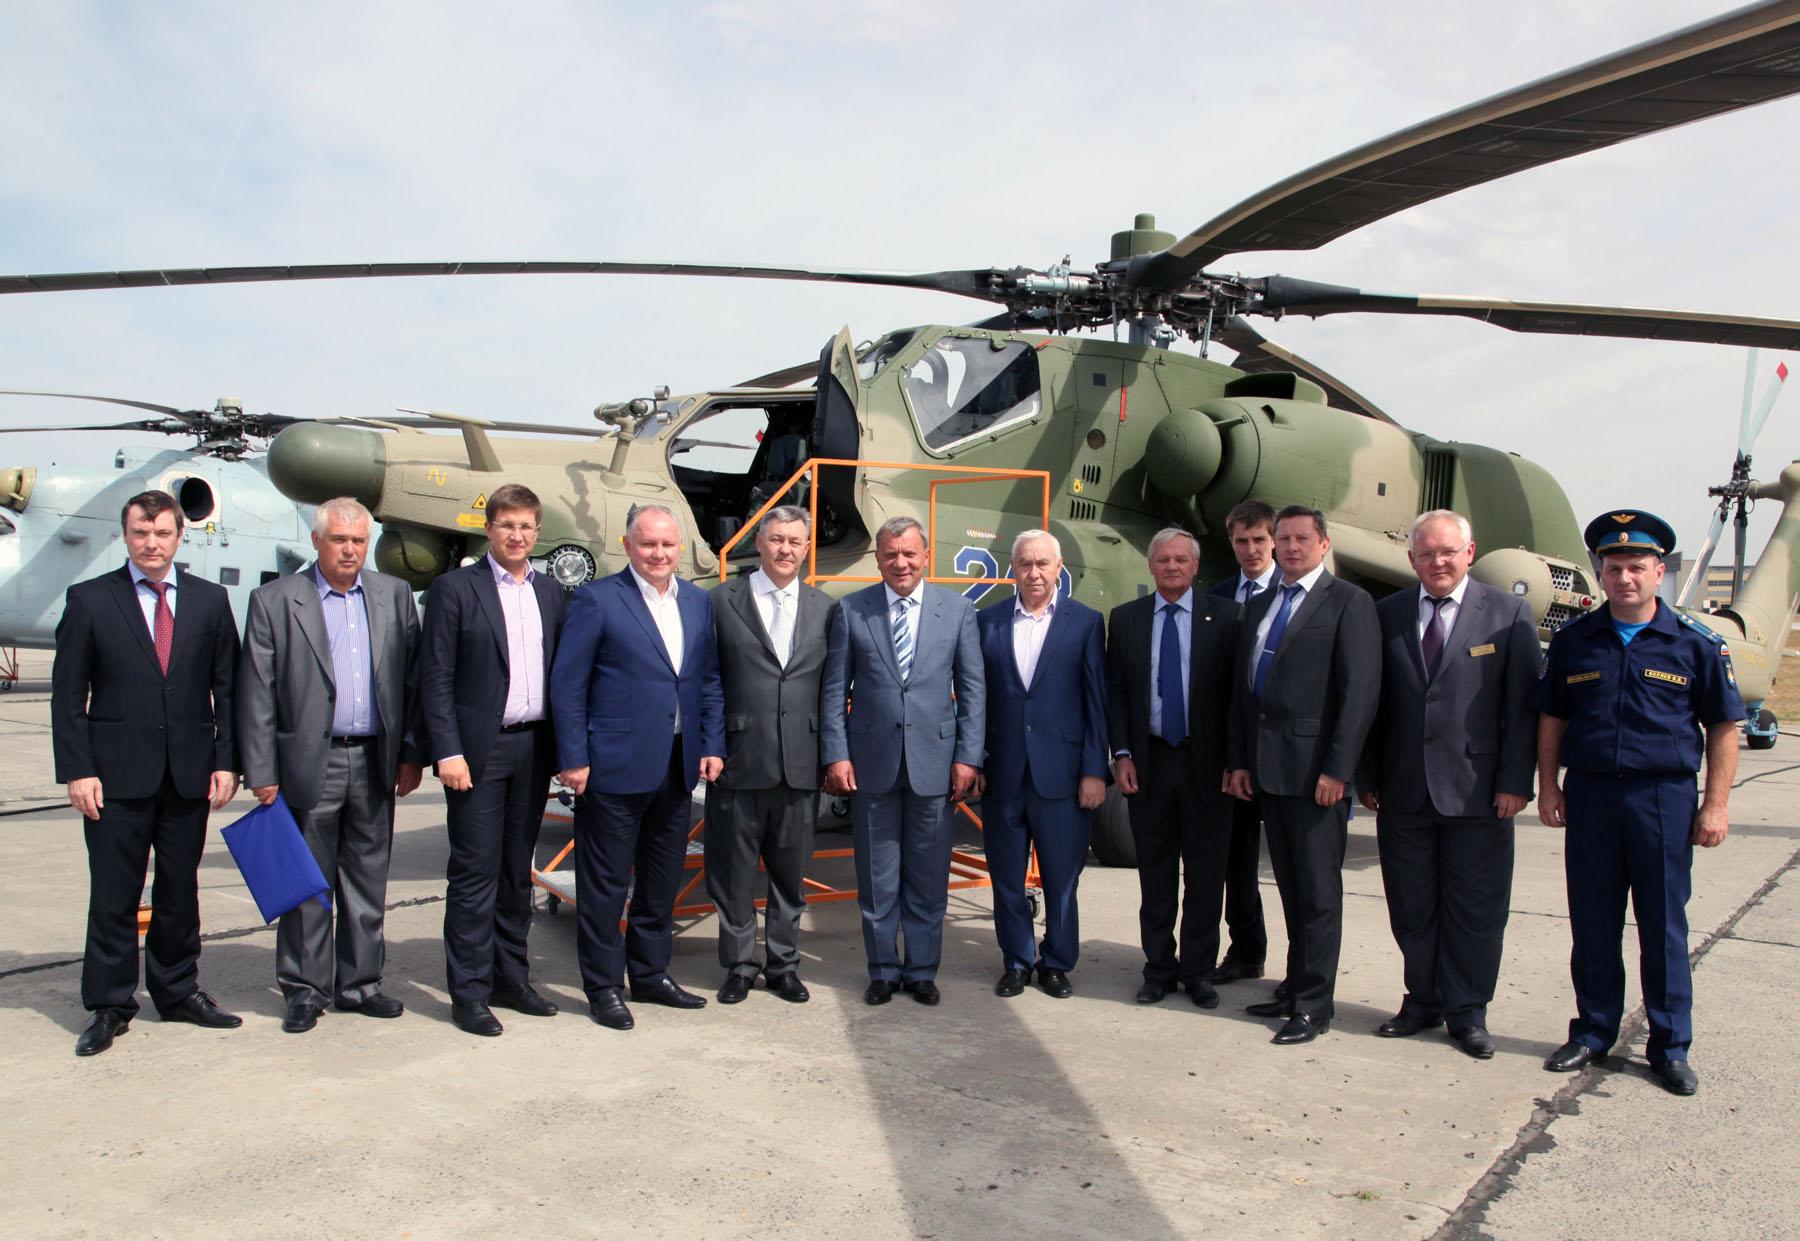 Заместитель Министра обороны России Юрий Борисов с рабочим визитом на заводе «Роствертол».